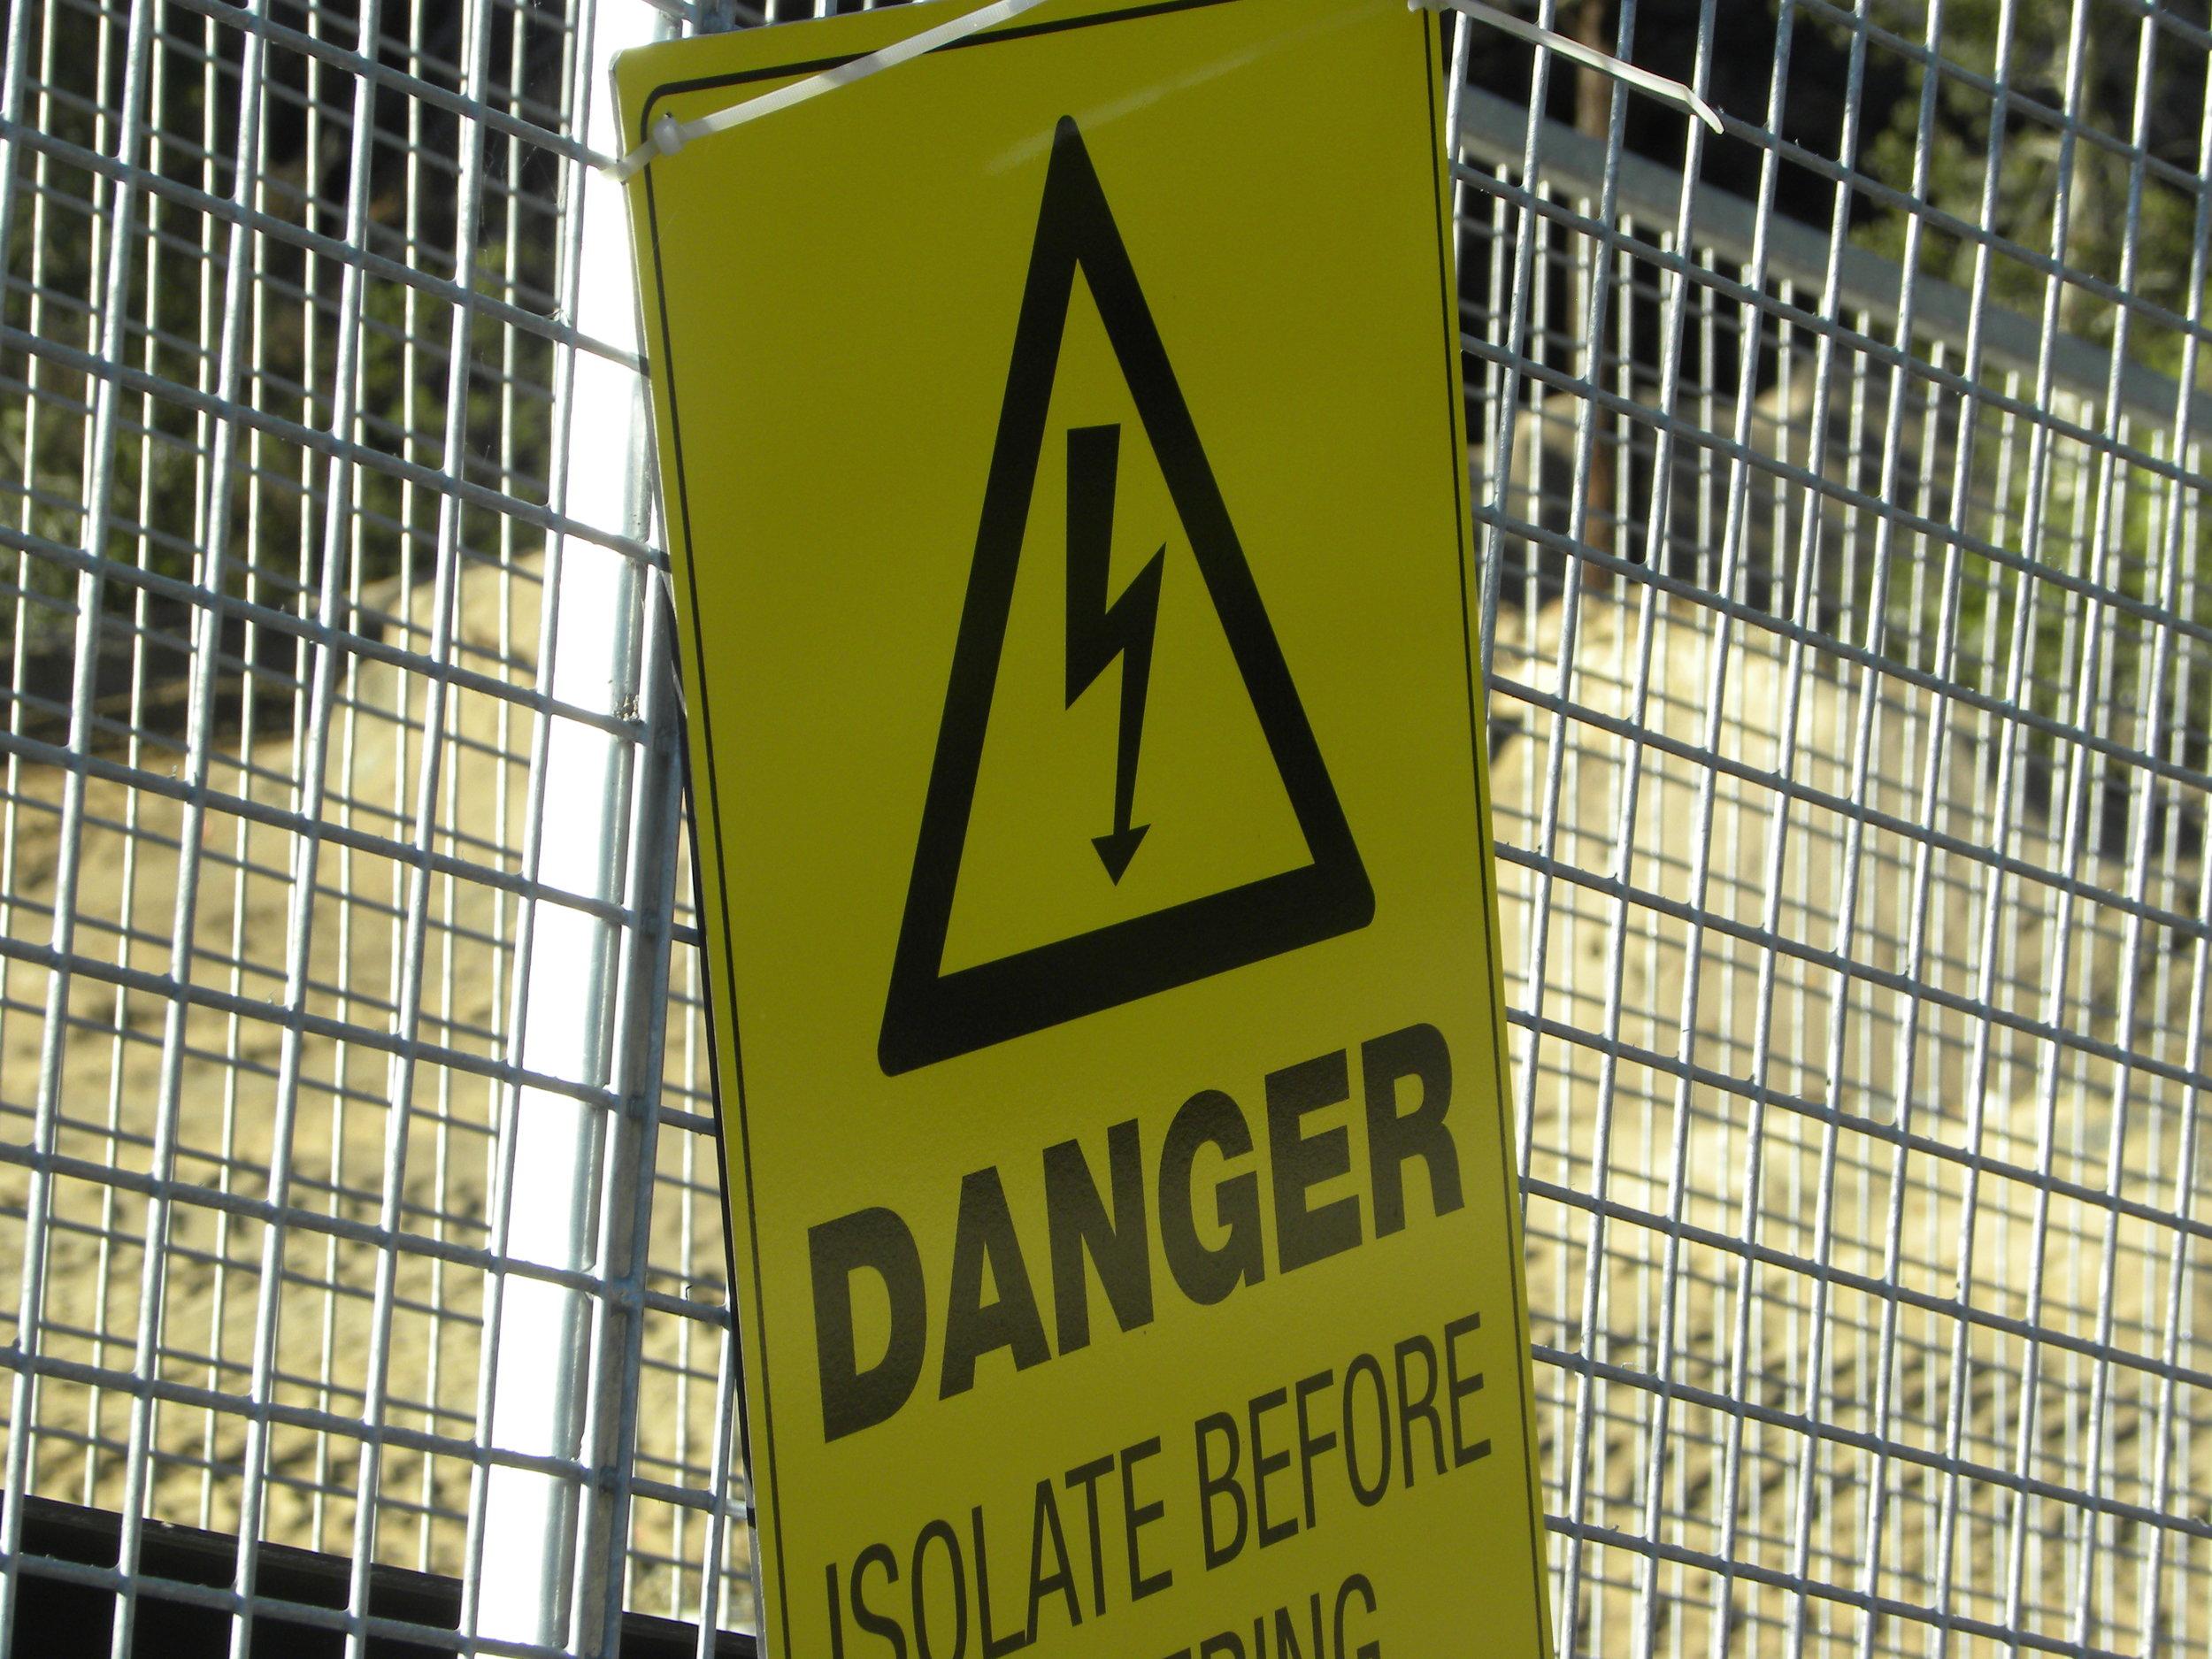 danger sign.JPG